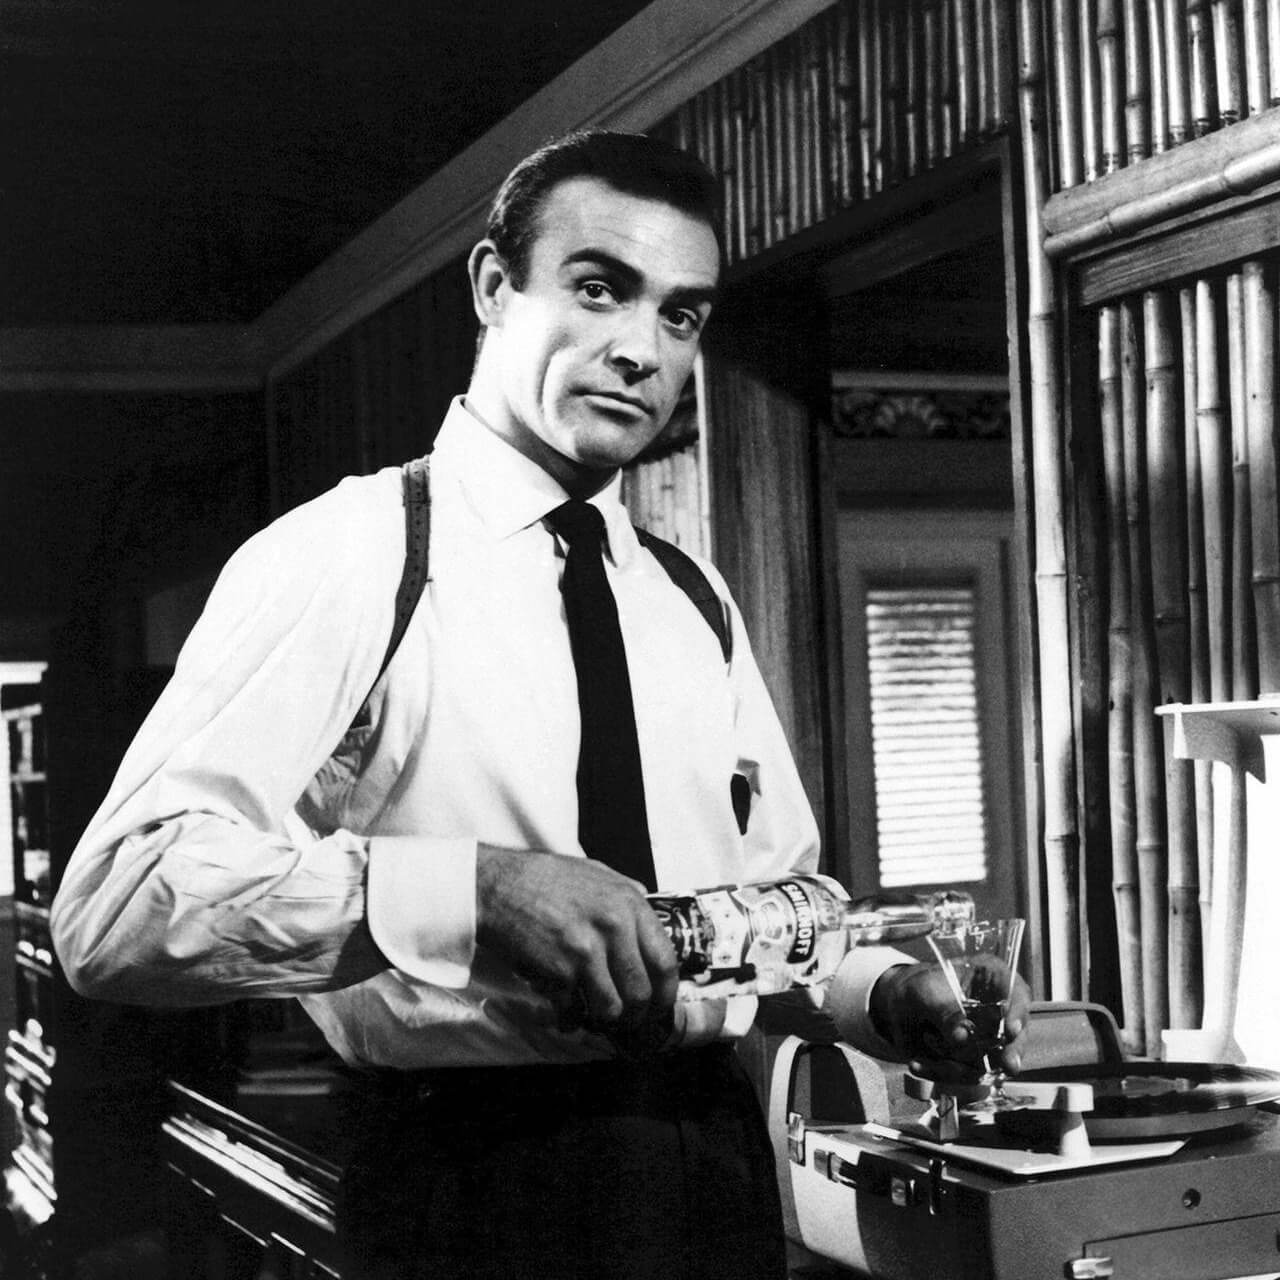 Шон Коннери в роли Джеймса Бонда (1965). Источник: reddit.com